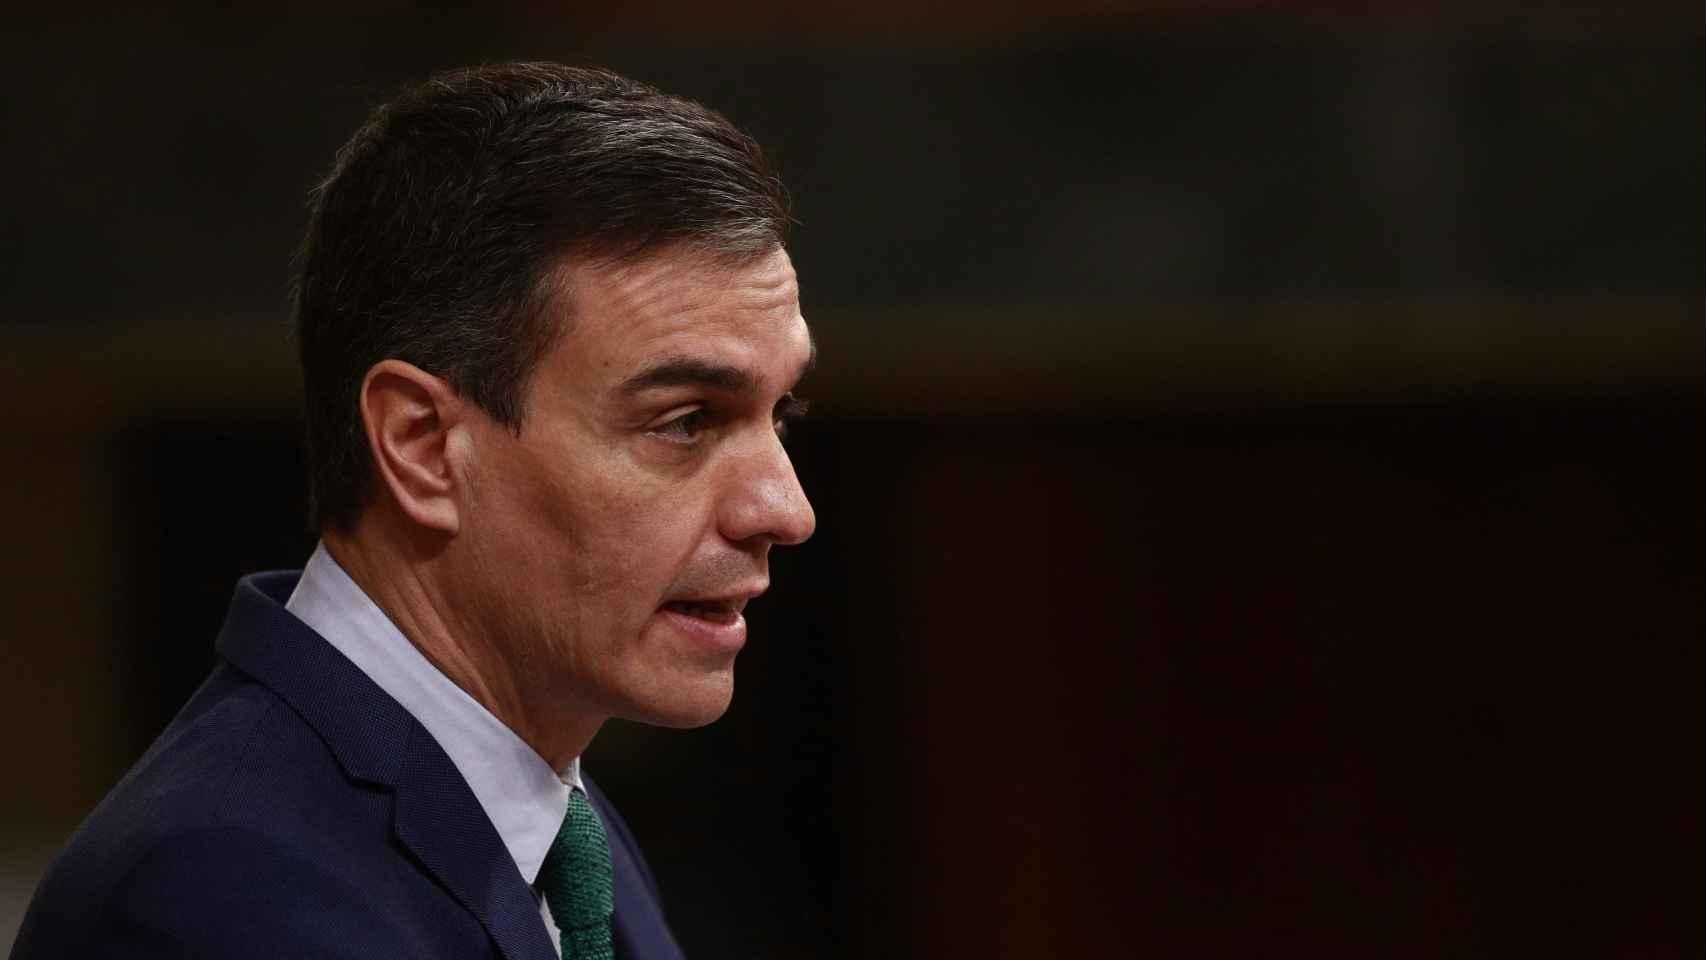 El presidente del Gobierno, Pedro Sánchez, interviene durante una sesión de Control al Gobierno en el Congreso de los Diputados.